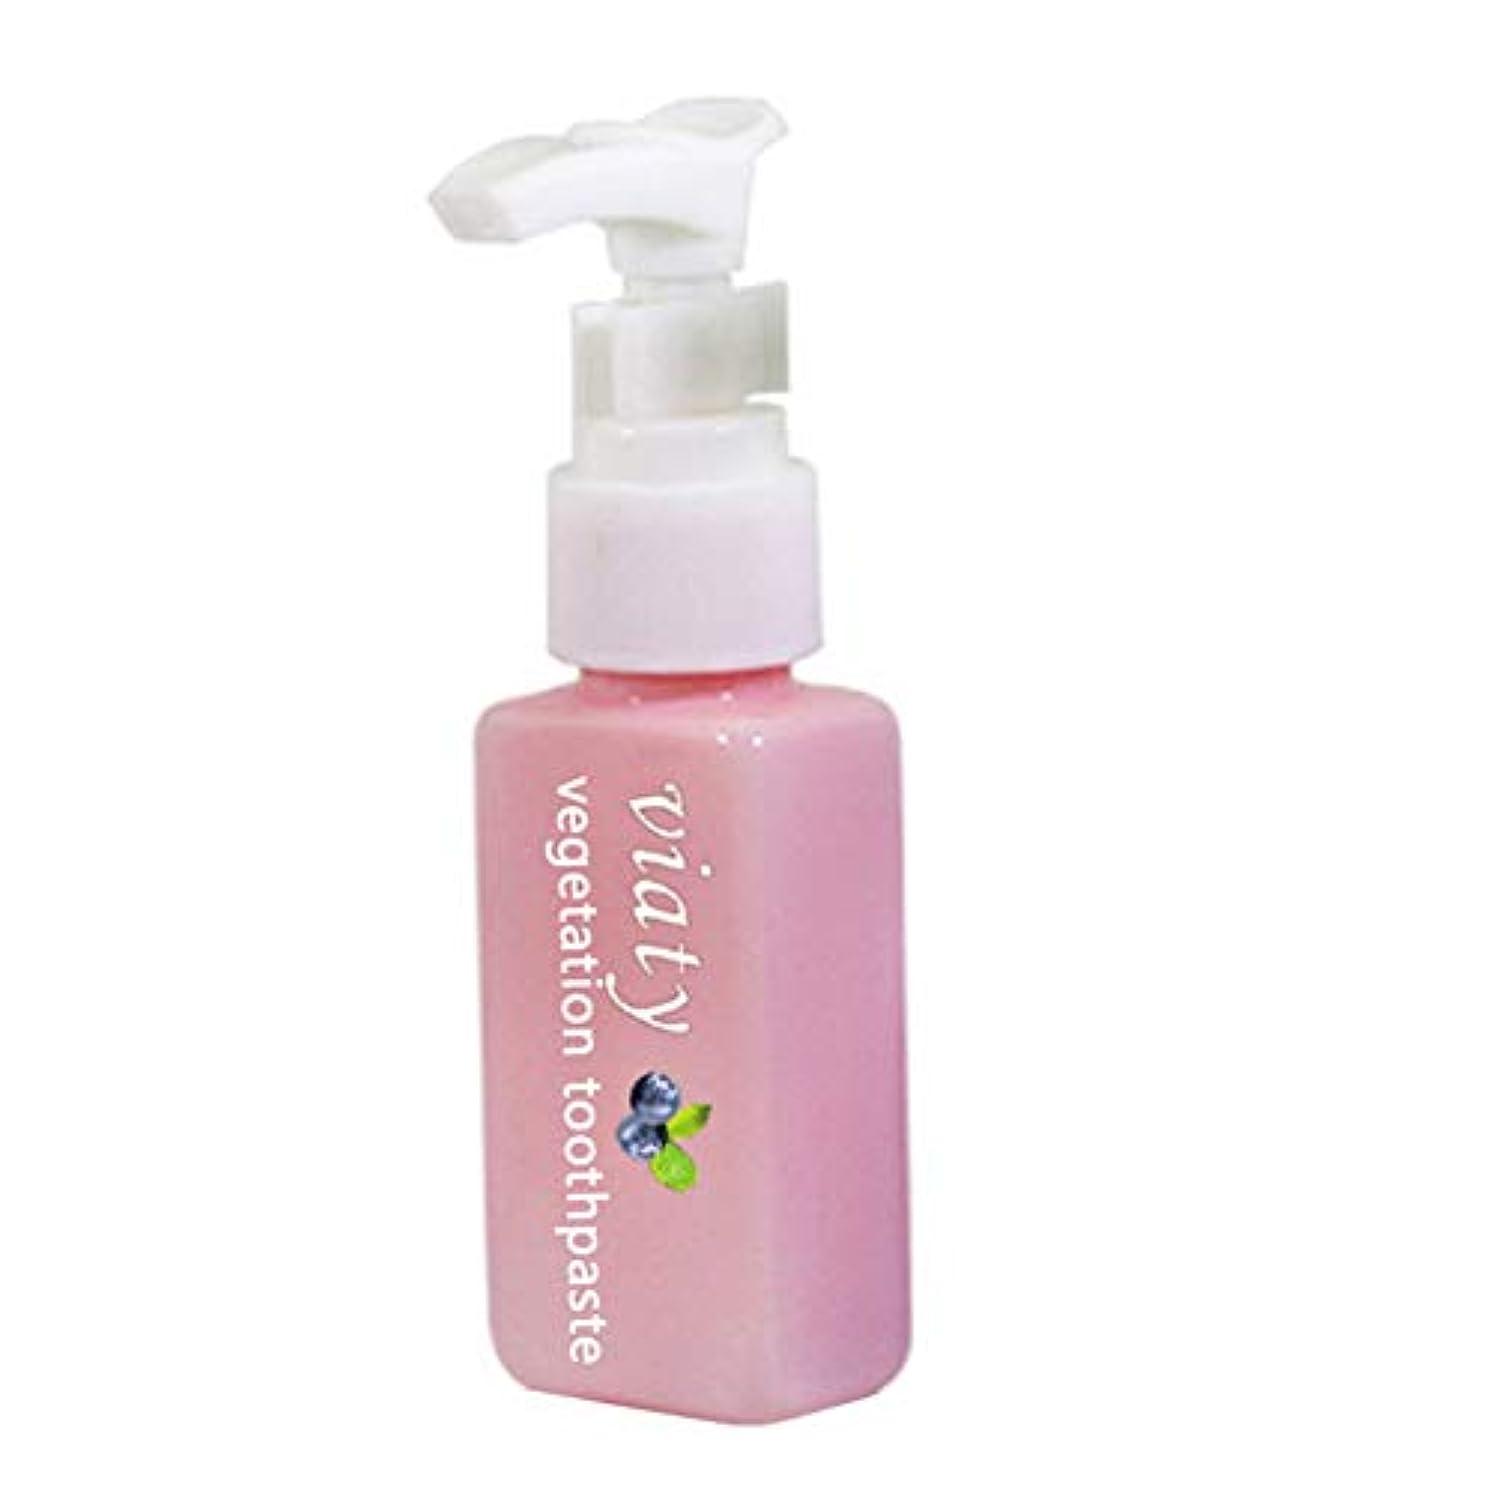 応用報復孤独なJanusSaja歯磨き粉アンチブリードガムプレスタイプ新鮮な歯磨き粉を白くする汚れ除去剤